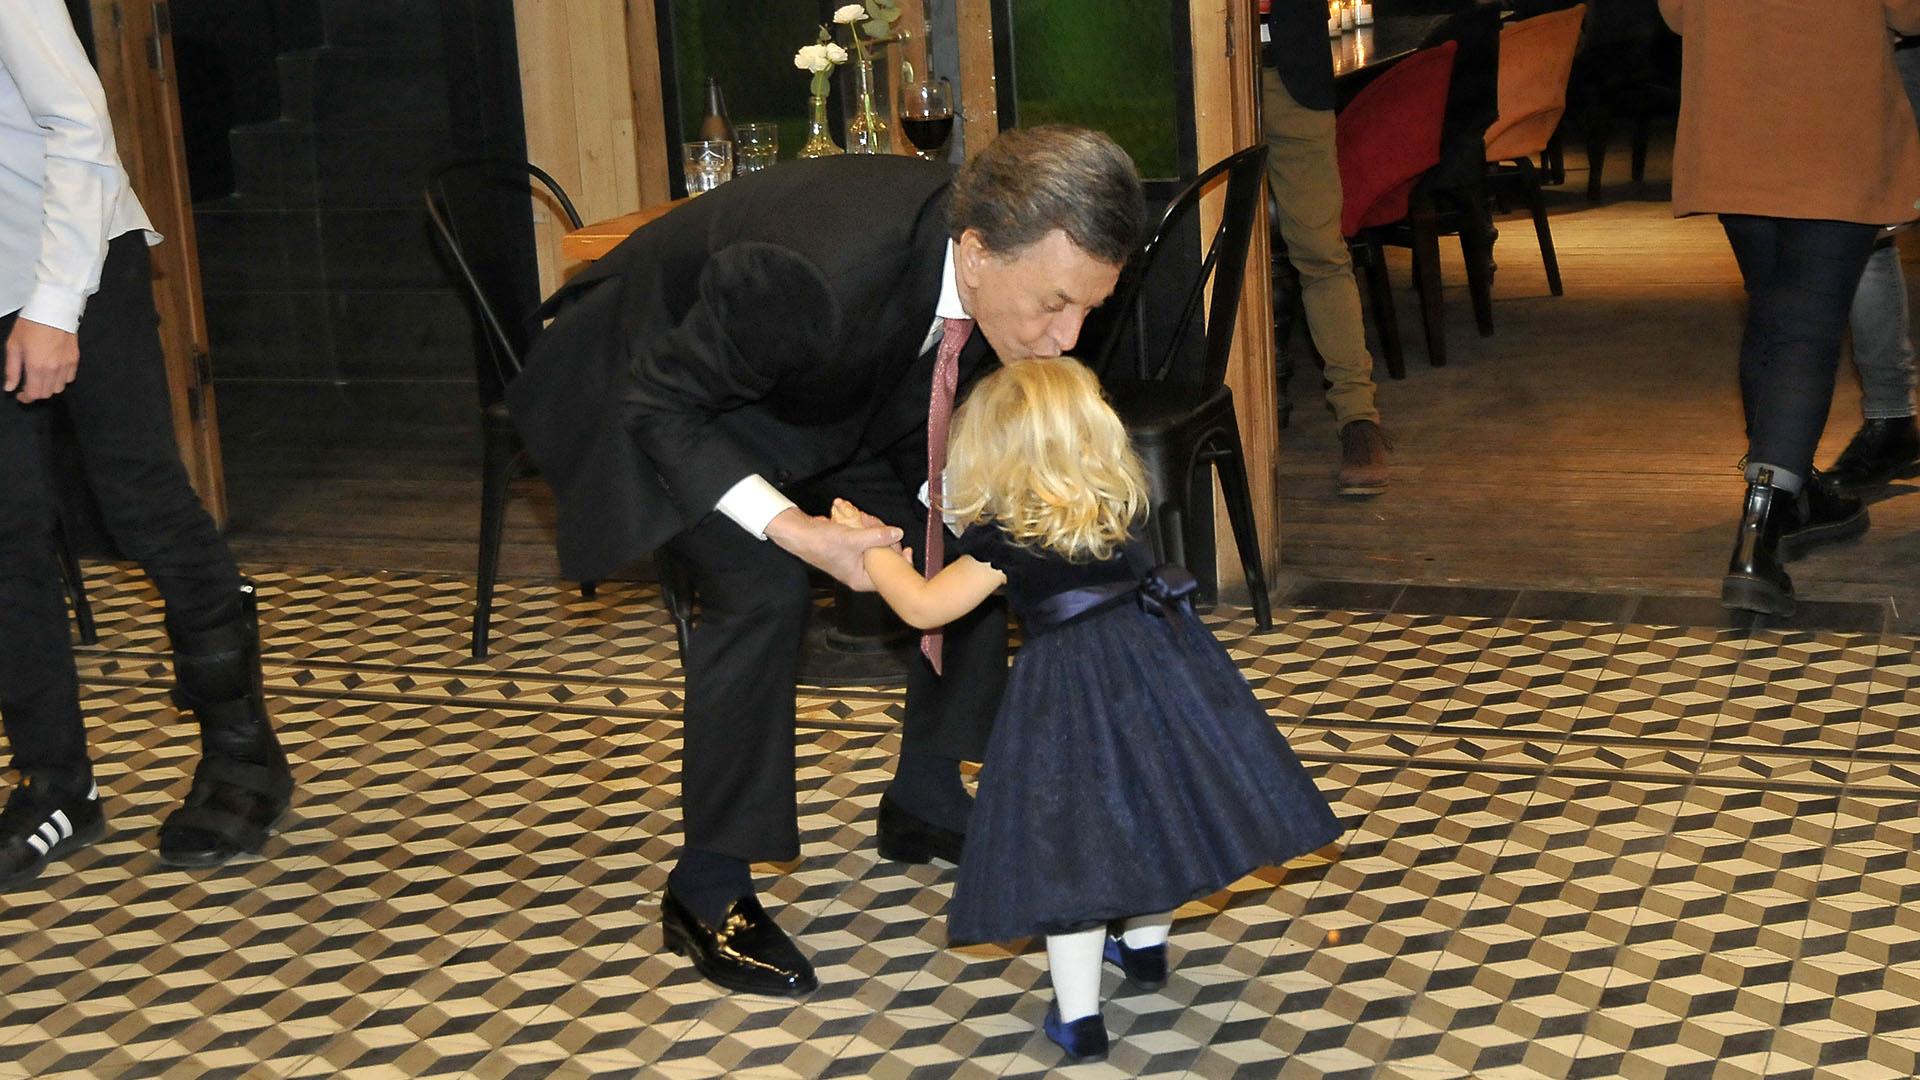 Palito Ortega besa a la pequeña Matilda, la hija de Luciana Salazar